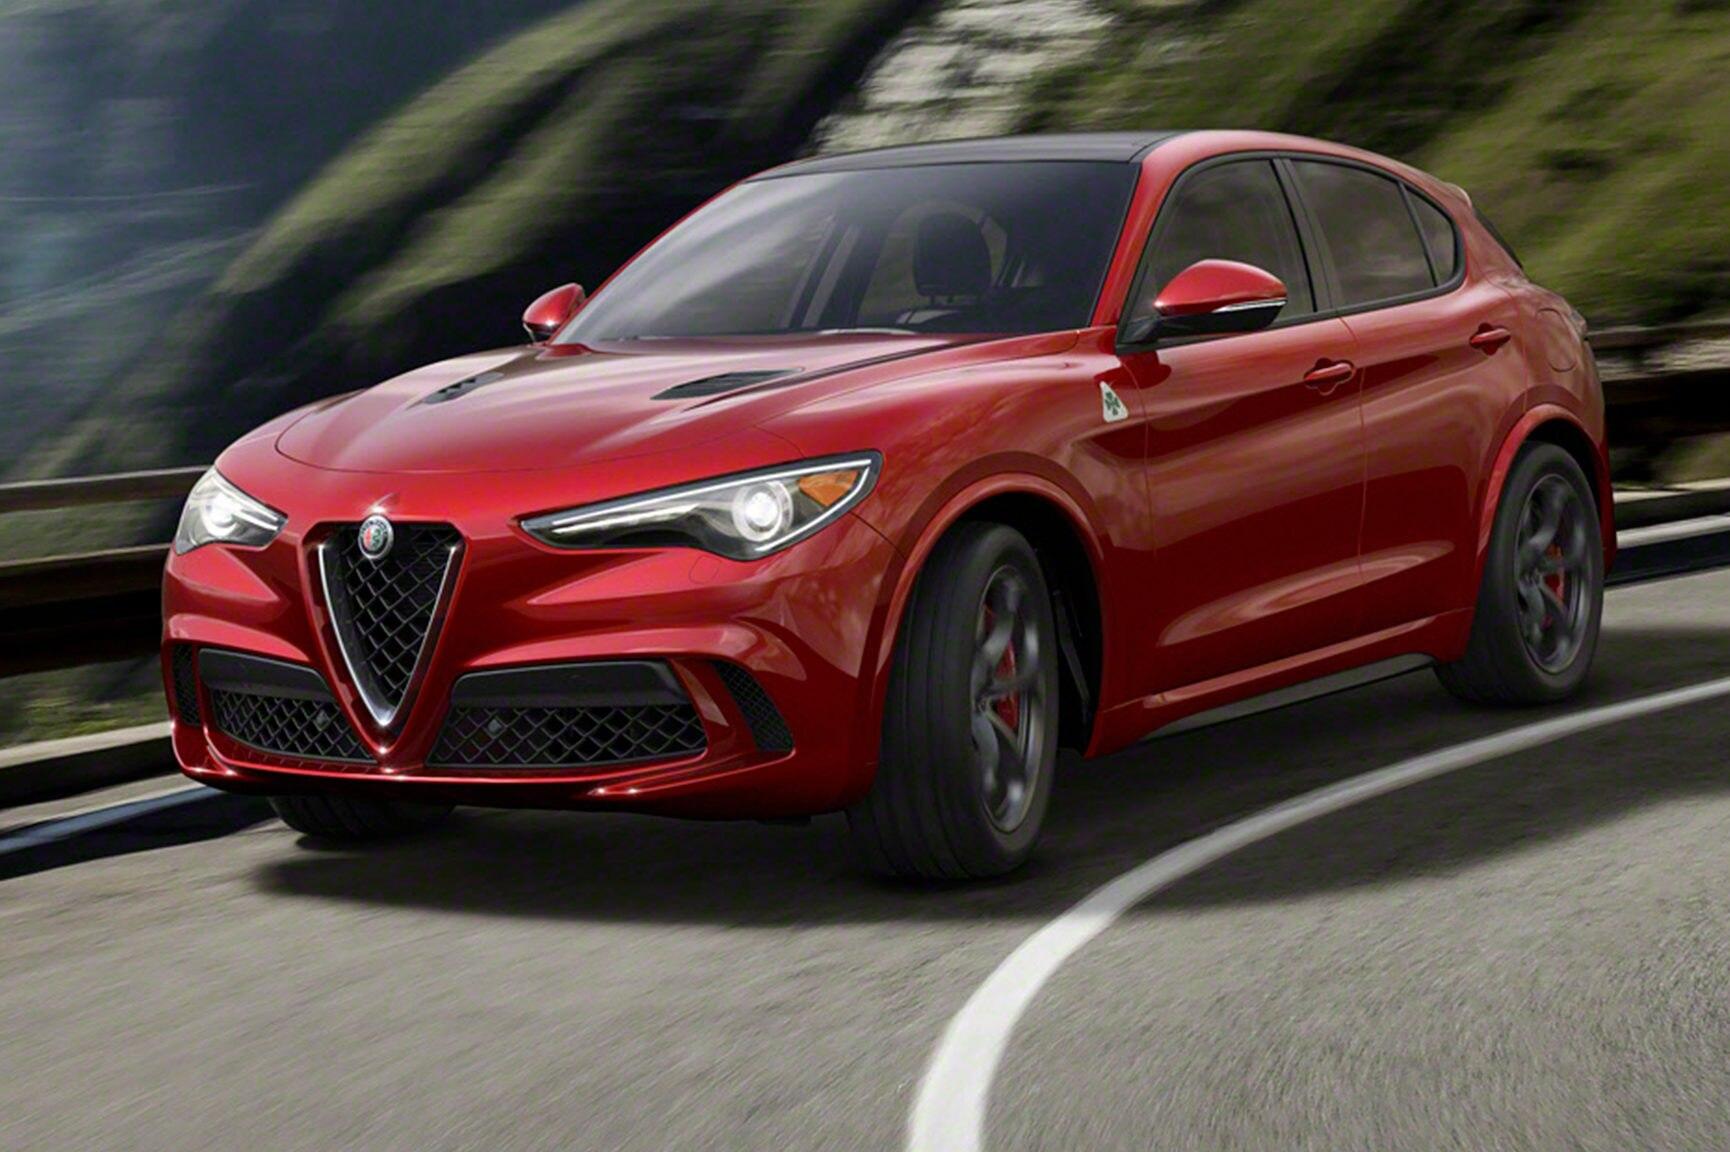 2018 Alfa Romeo Stelvio Front Three Quarter E1479248897472